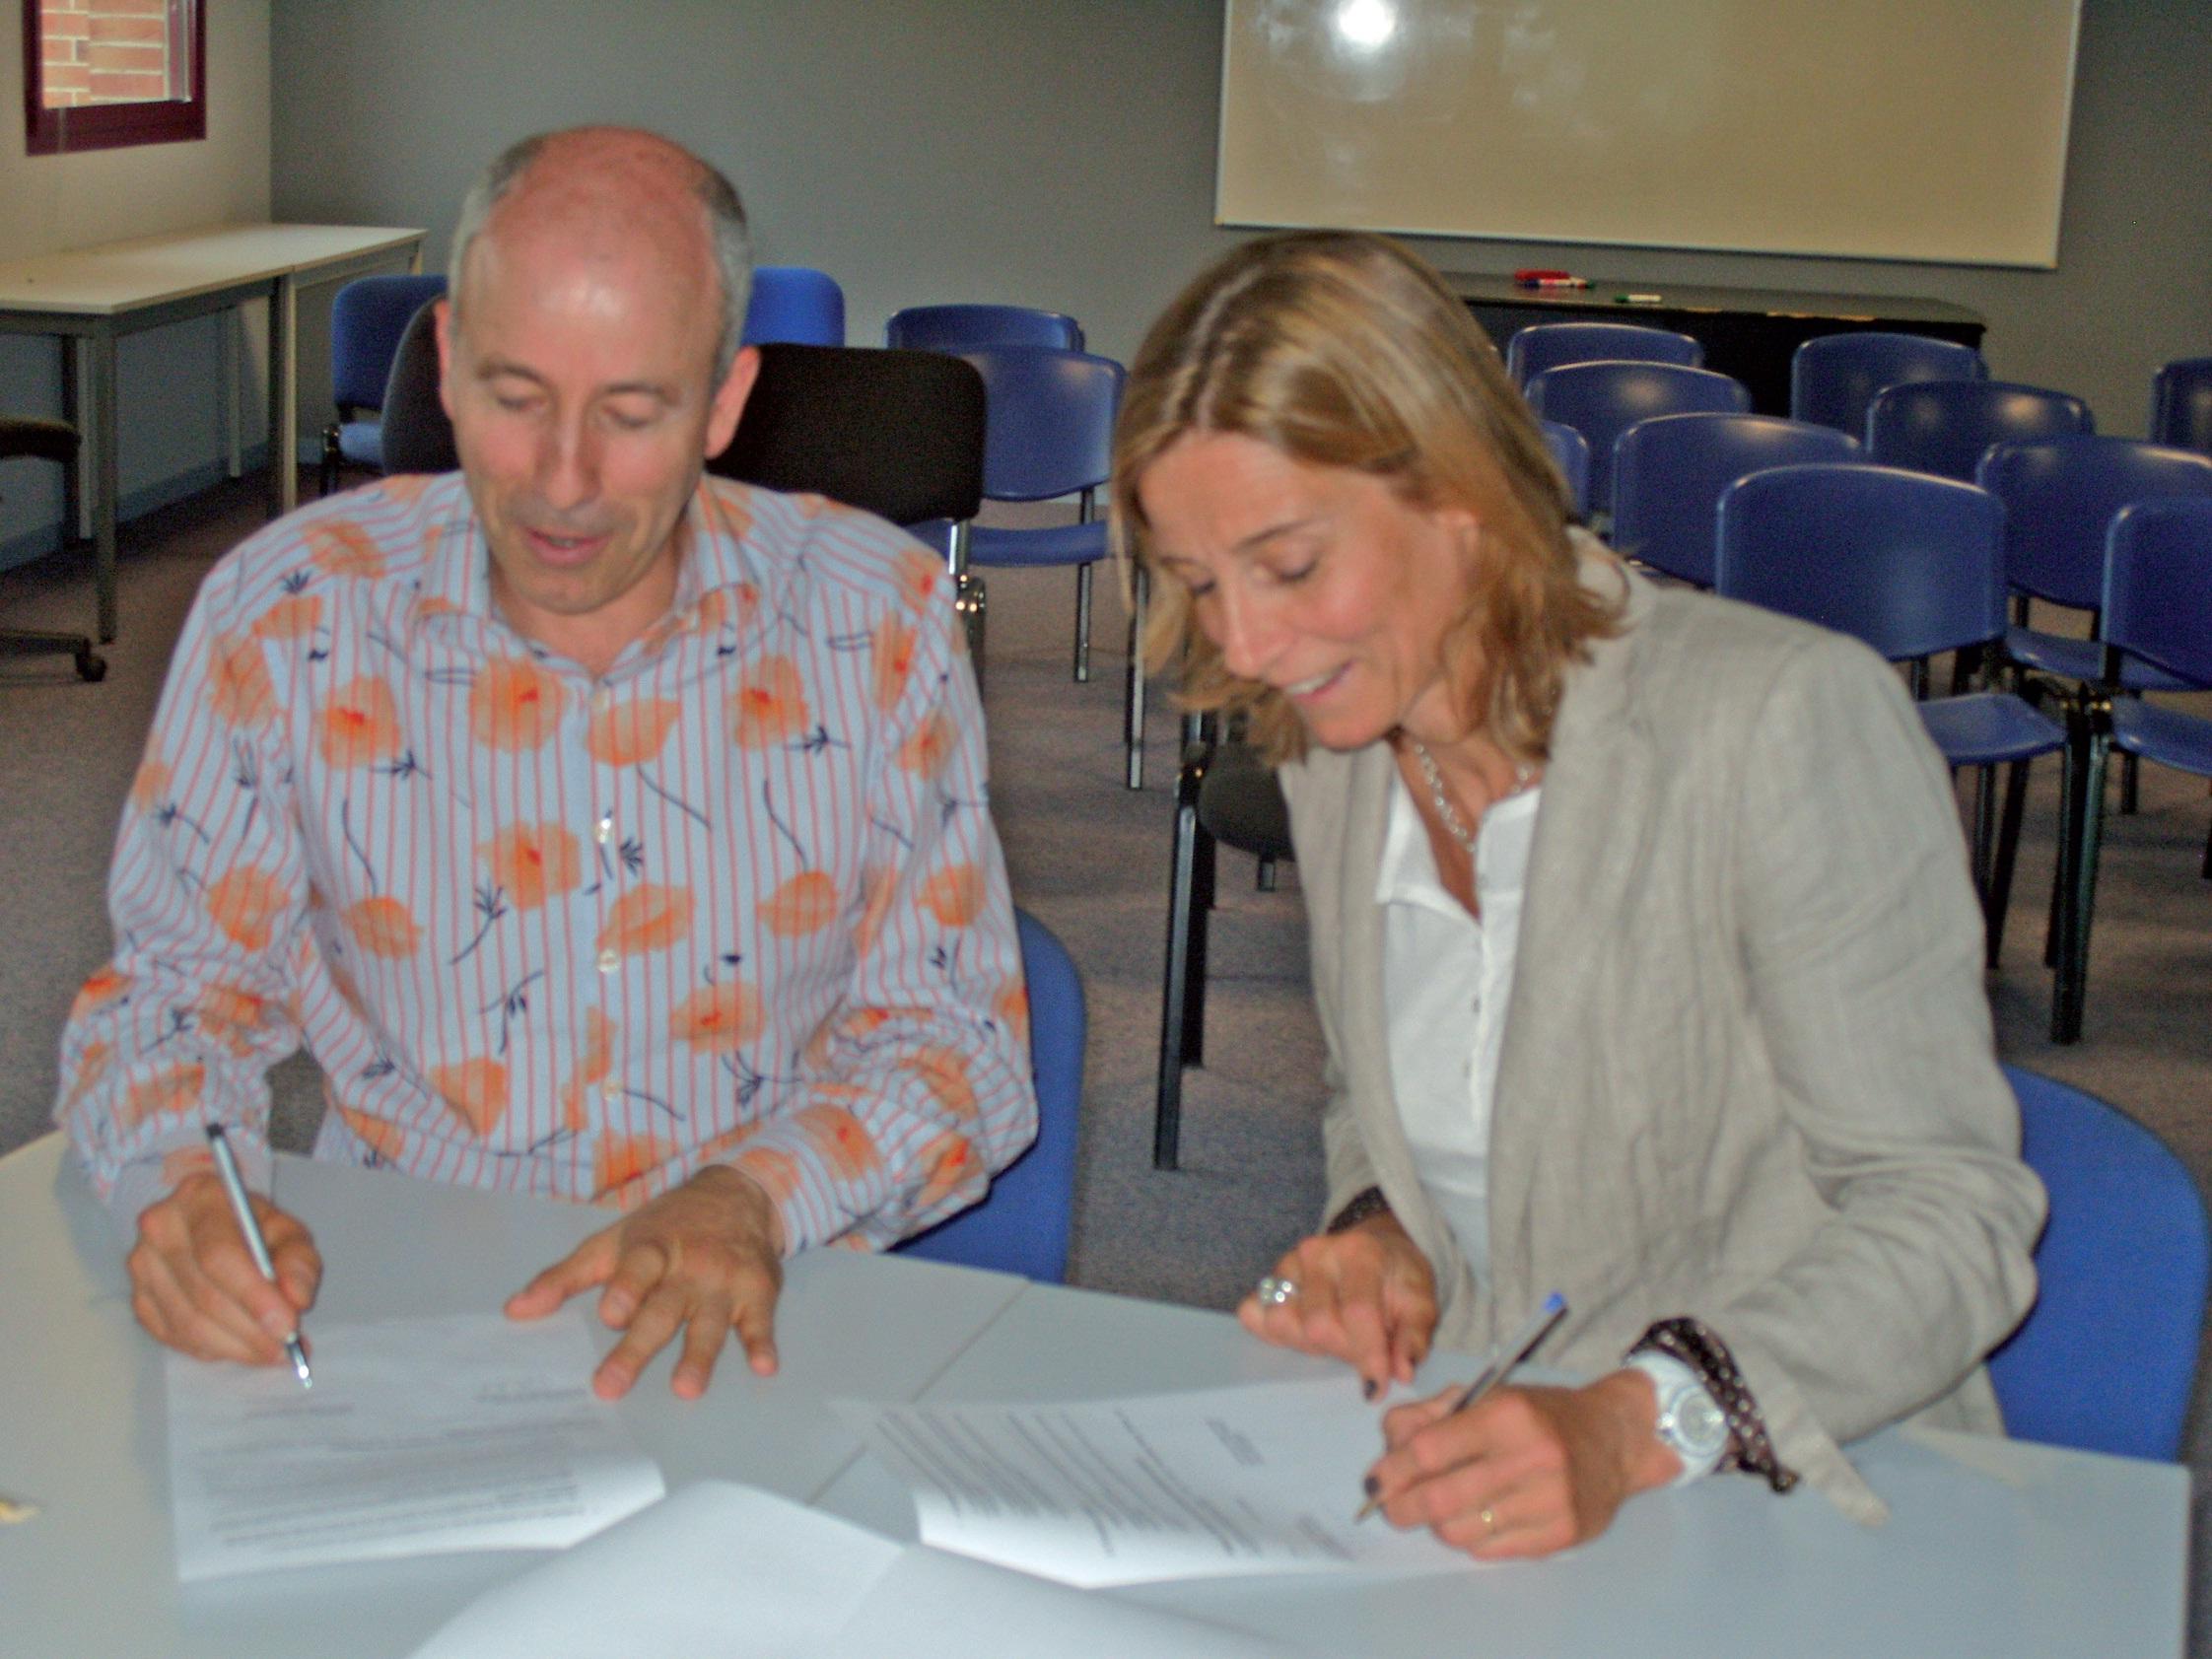 Le président d'Etincelle et la responsable nationale de la fondation Entreprendre ont signé l'accord scellant leur collaboration future en région parisienne.